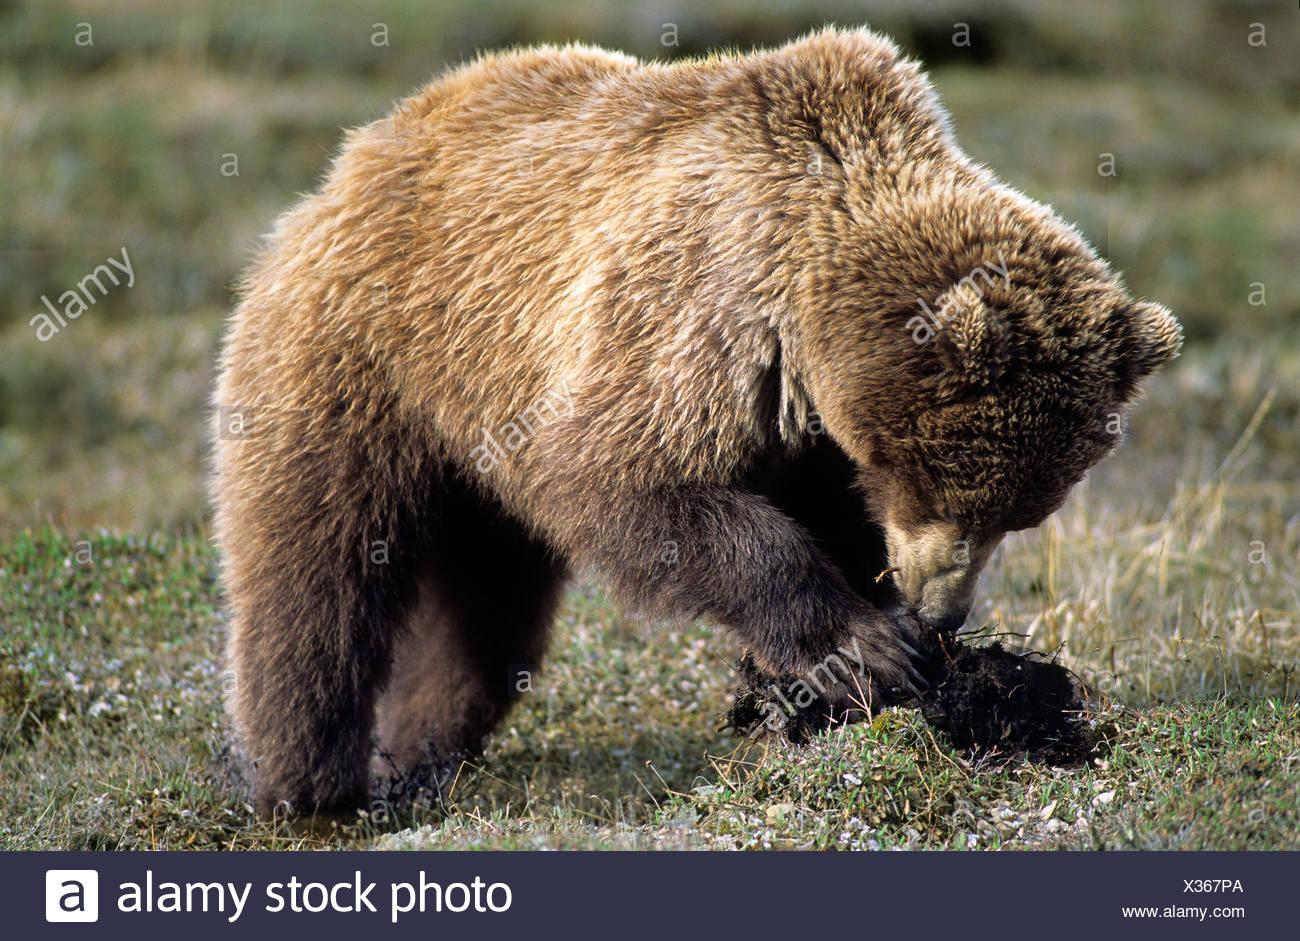 Braunbär (Ursus Arctos) Graben für die nahrhaften Wurzeln der Tundra Wildblumen, nördlichen Yukon Arctic Kanada Stockbild